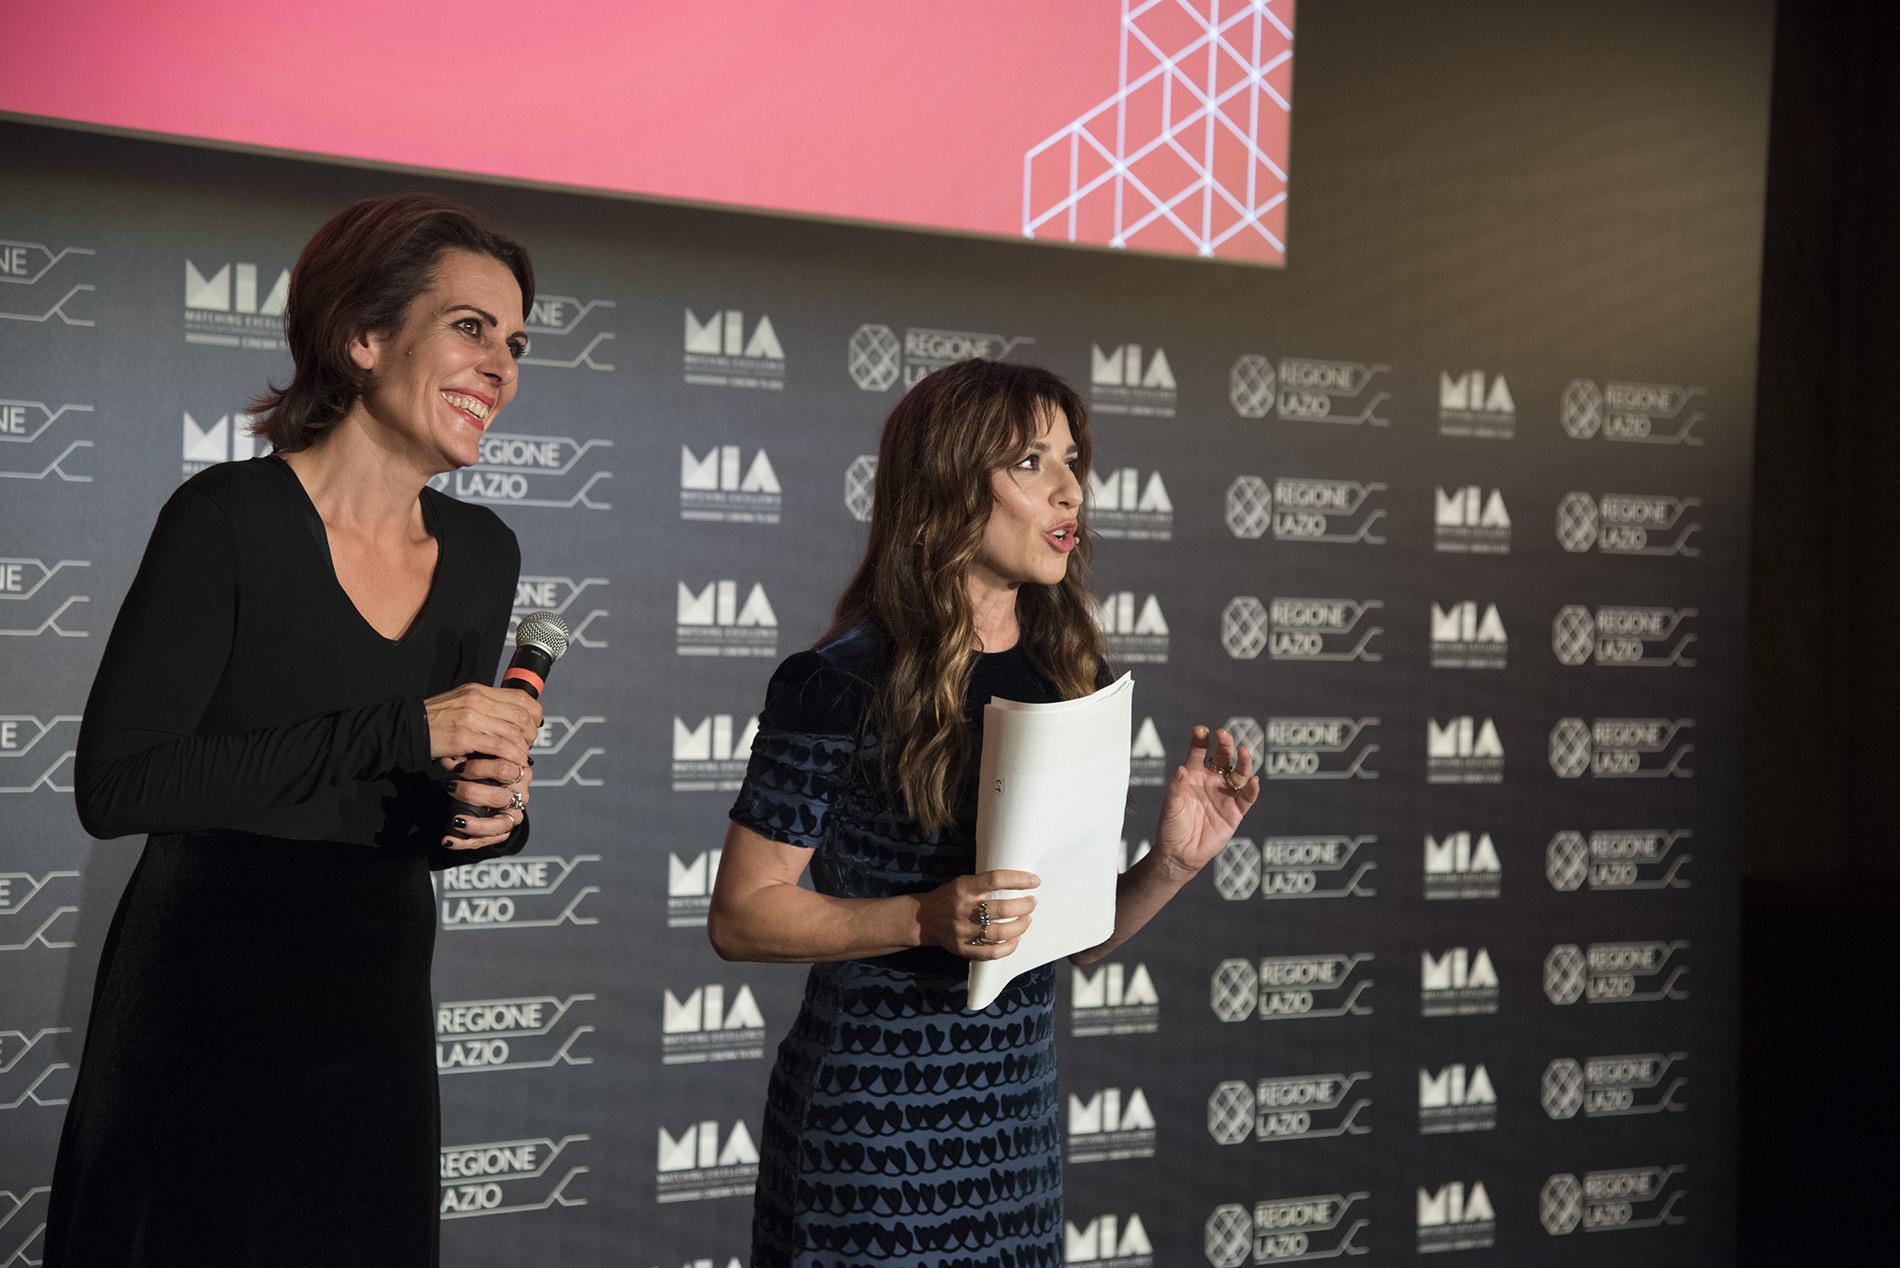 Lucia Milazzotto, Sabrina Impacciatore